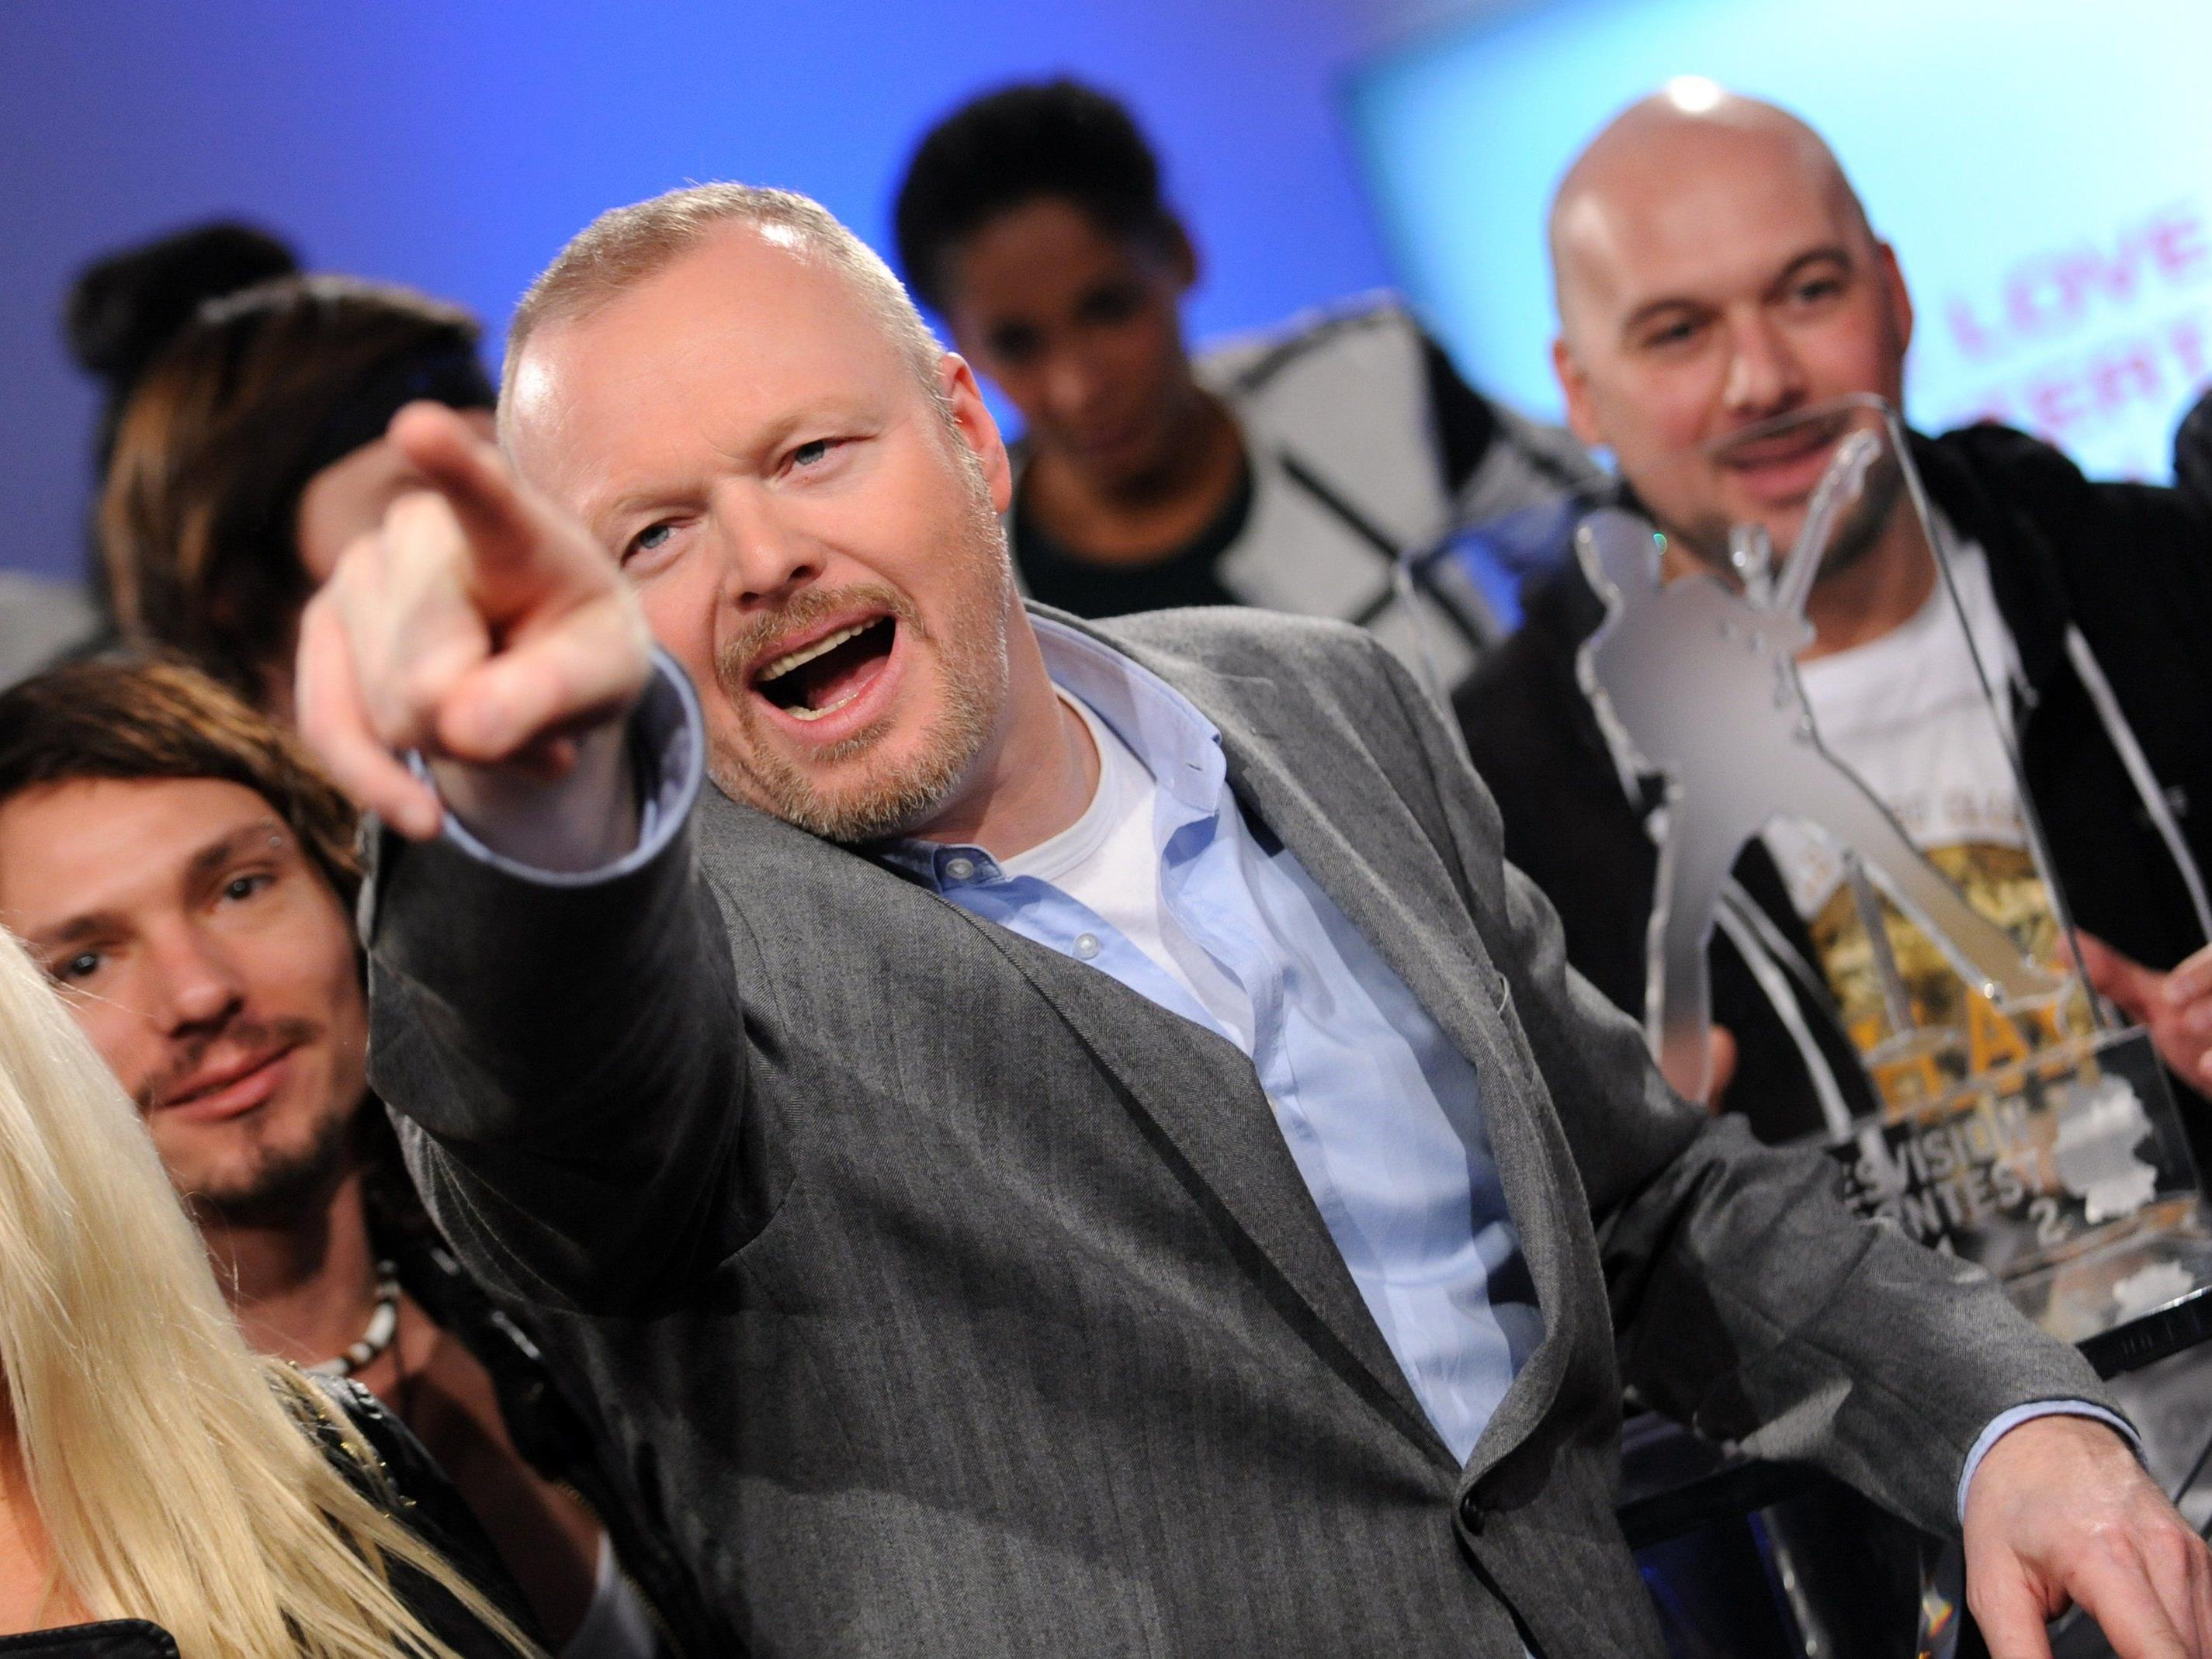 Stefan Raab beendet seine TV-Karriere.